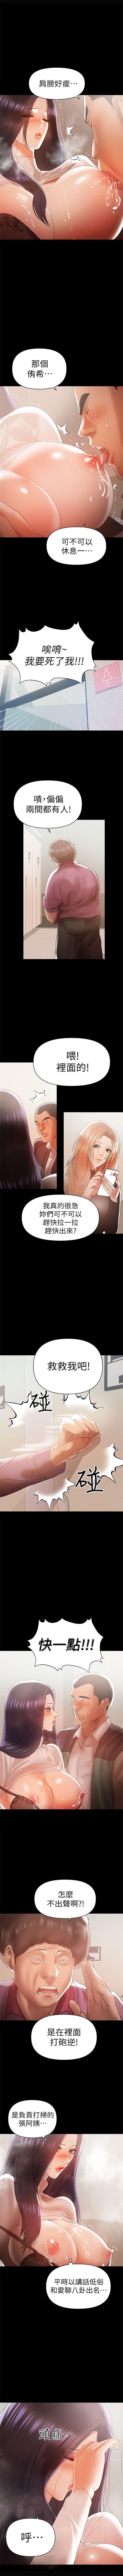 (週6)兼職奶媽 1-31 中文翻譯 (更新中) 80